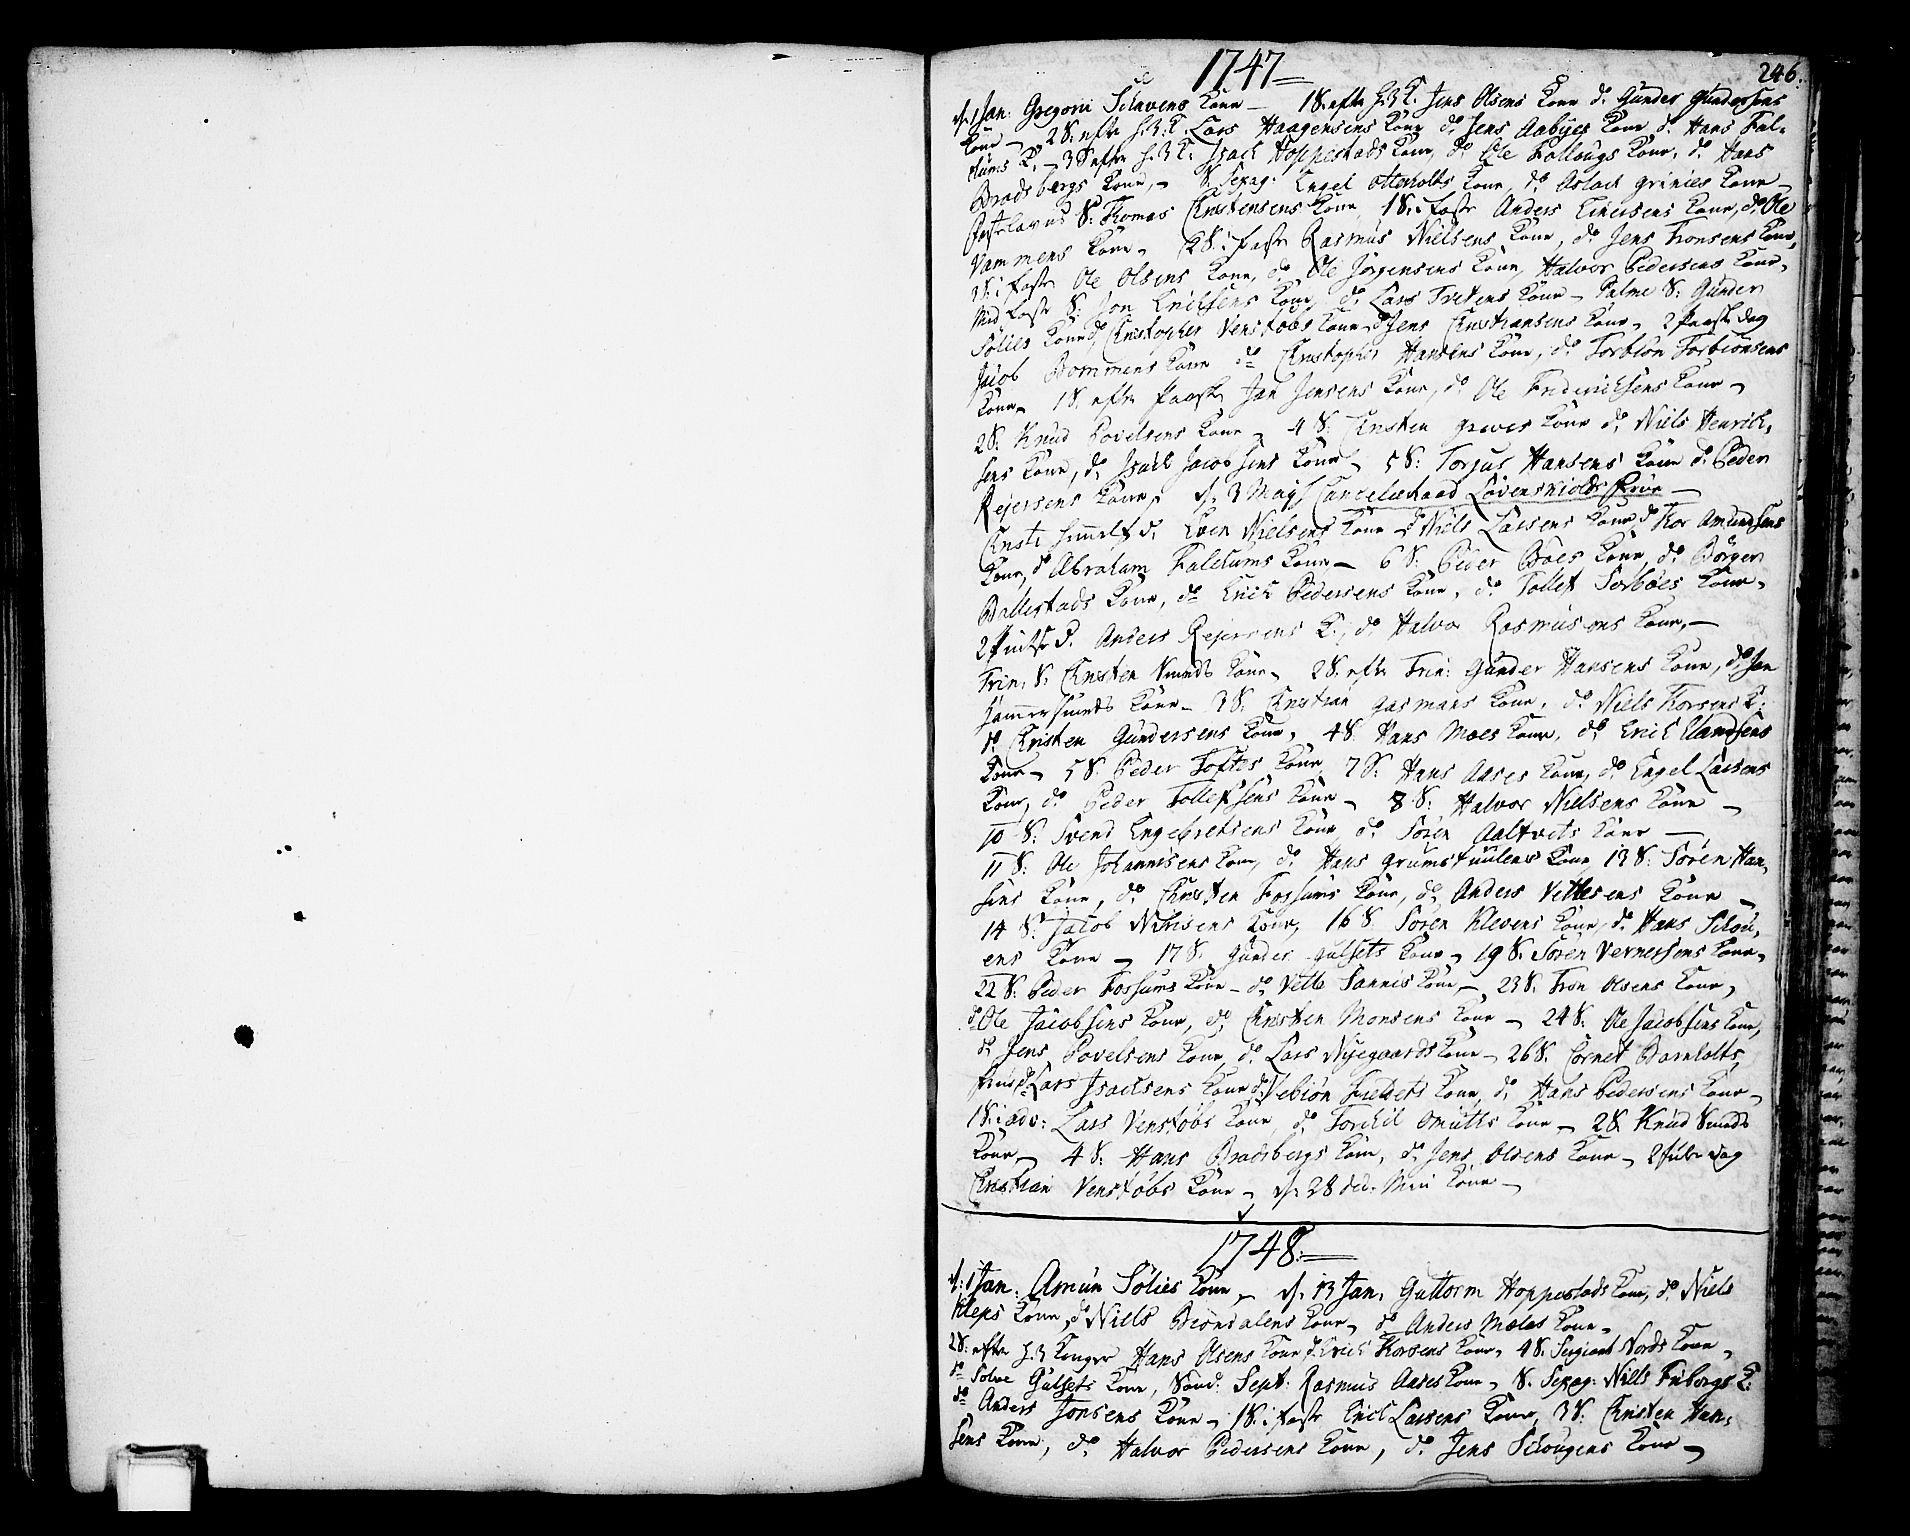 SAKO, Gjerpen kirkebøker, F/Fa/L0002: Ministerialbok nr. 2, 1747-1795, s. 246